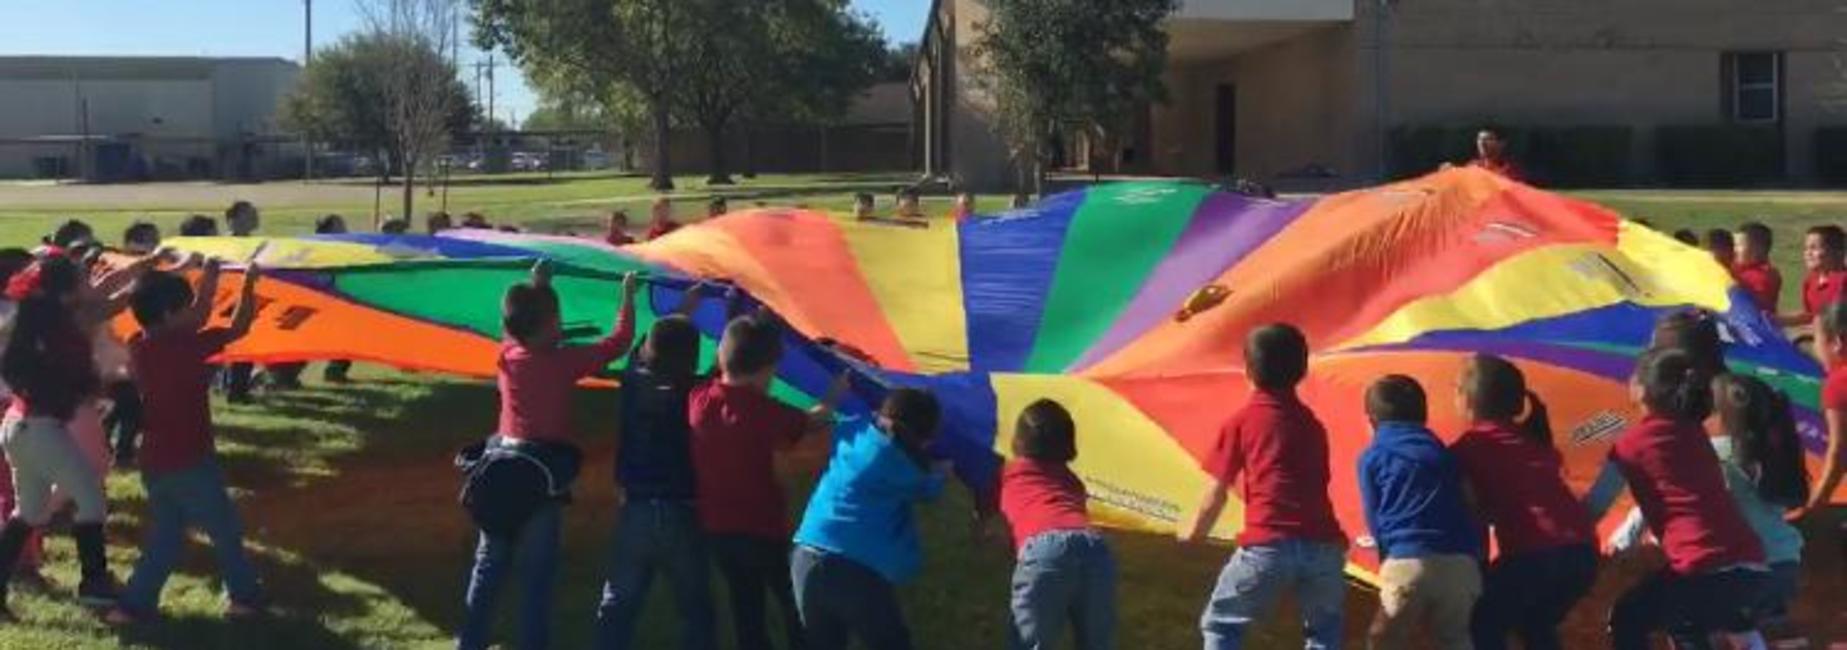 Parachuting with Kinder